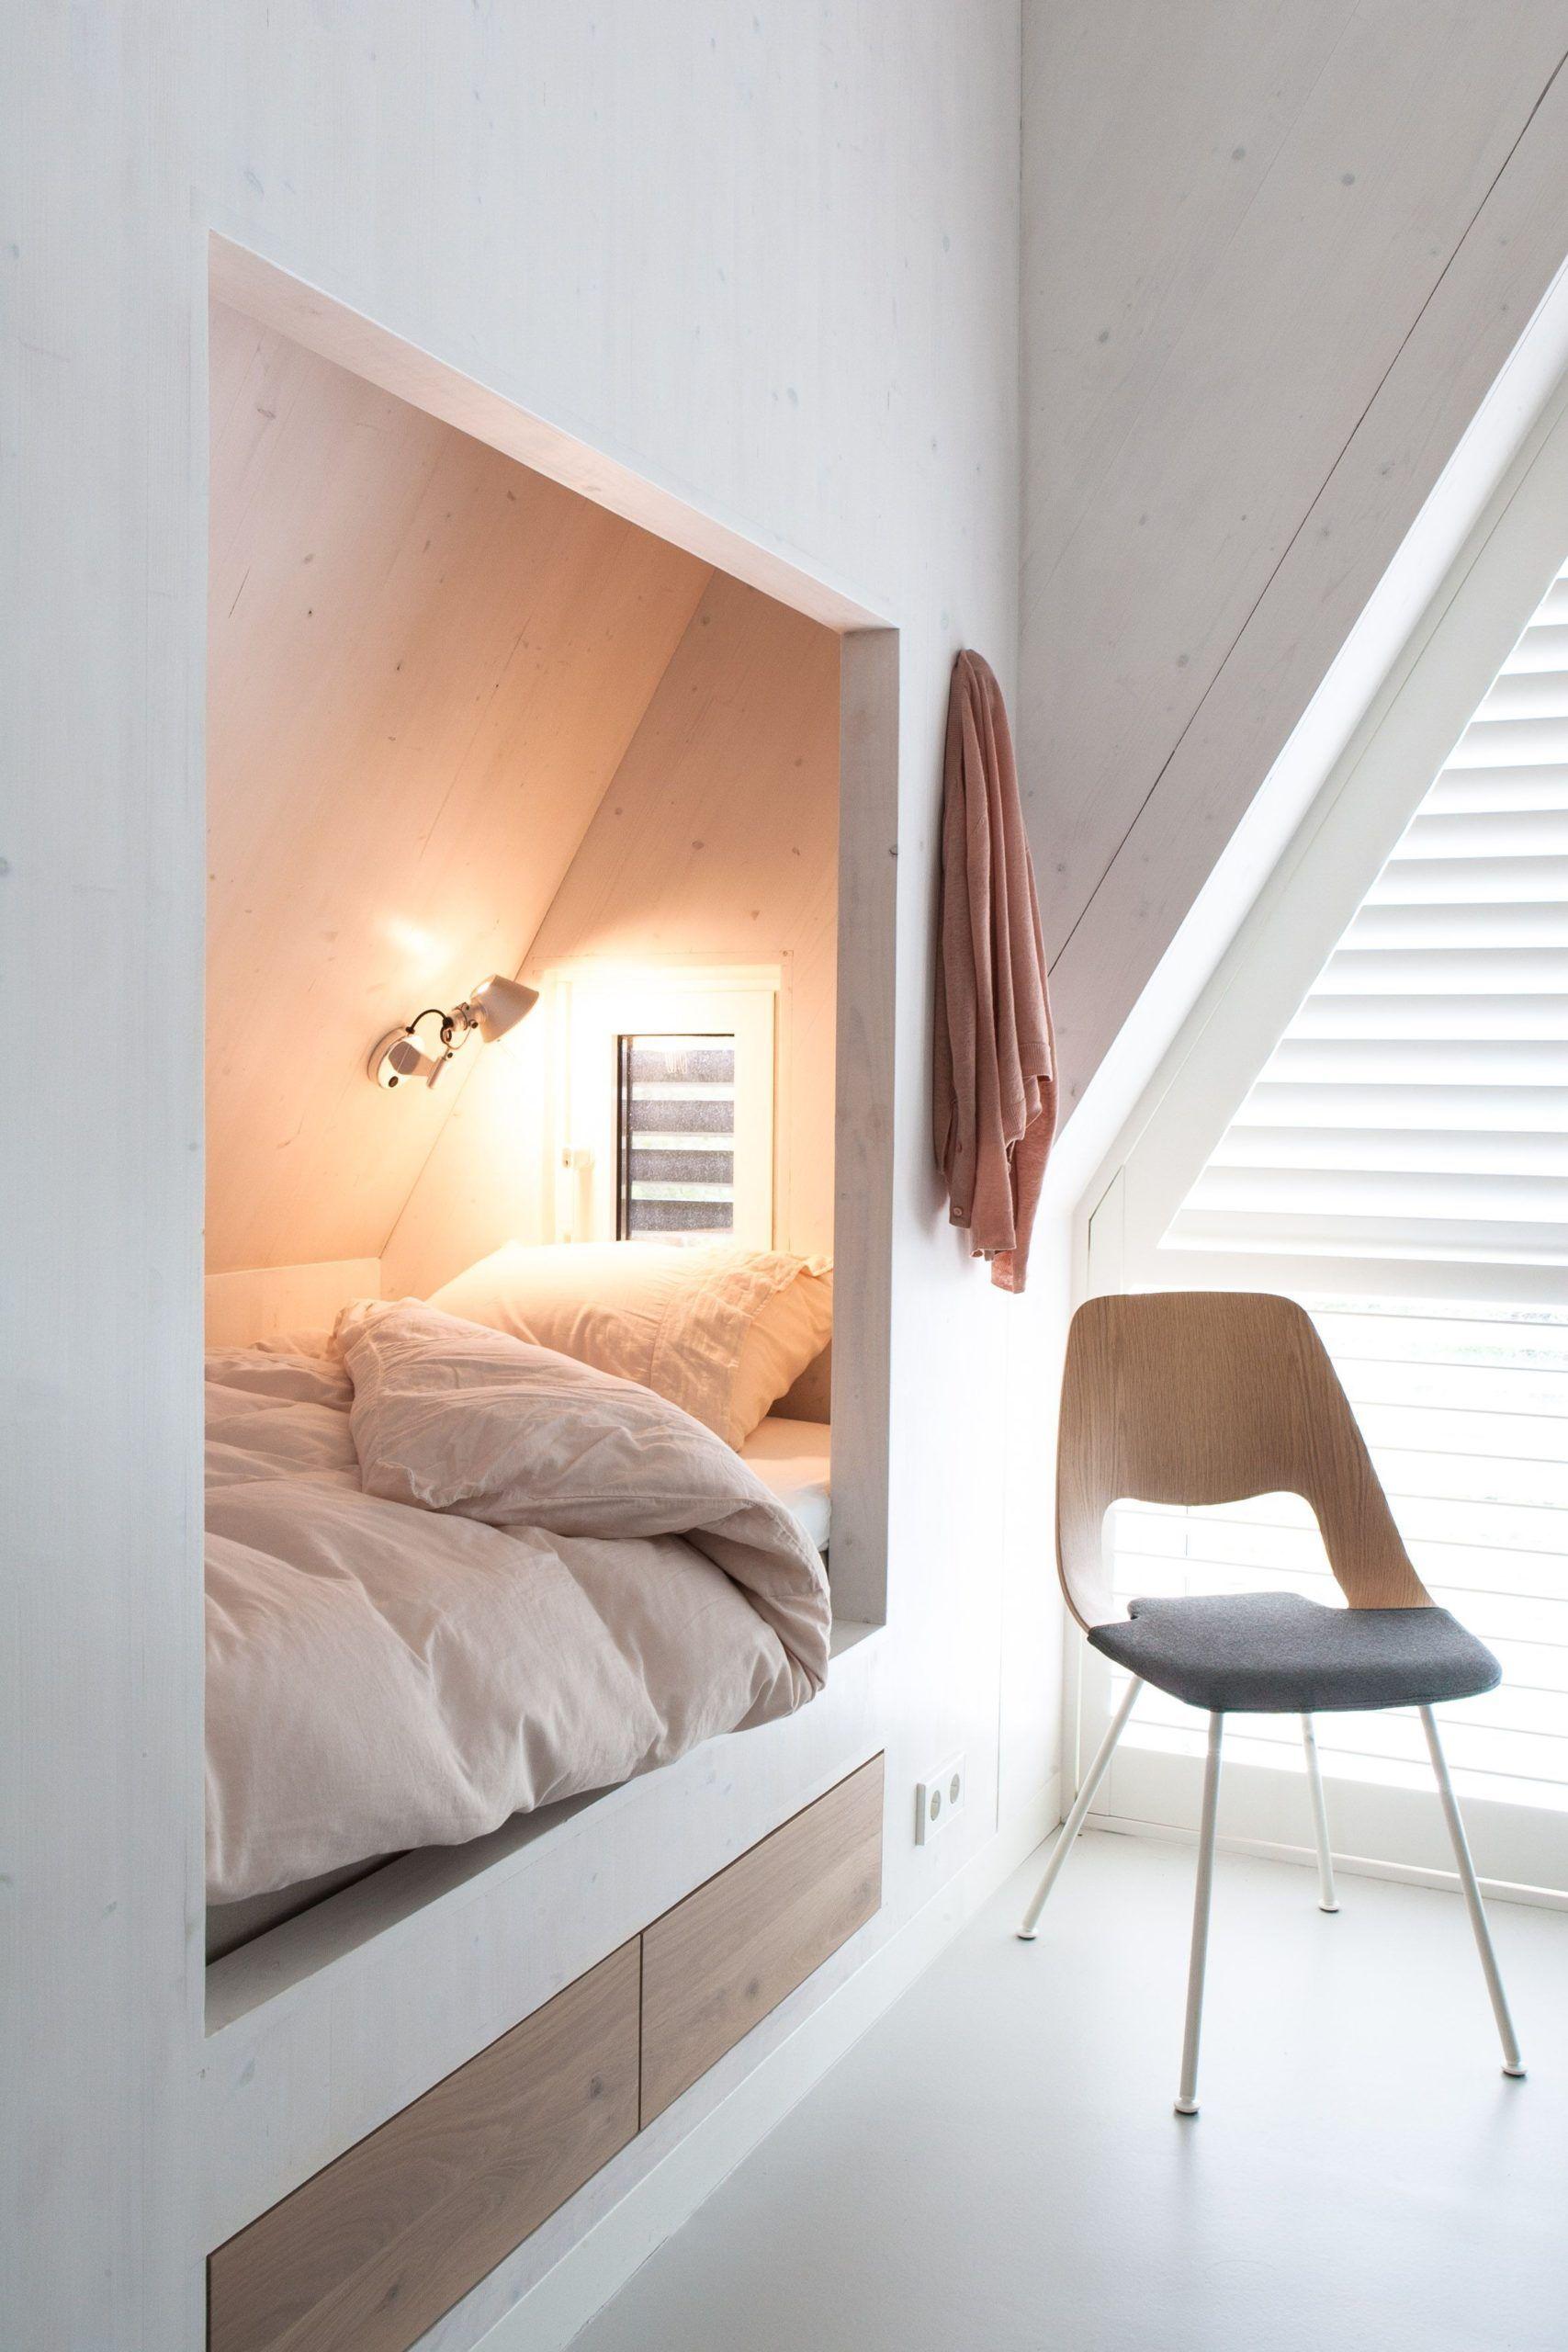 Kleine Häuser in 2020 Hausrenovierung, Wohnen, Wohnung